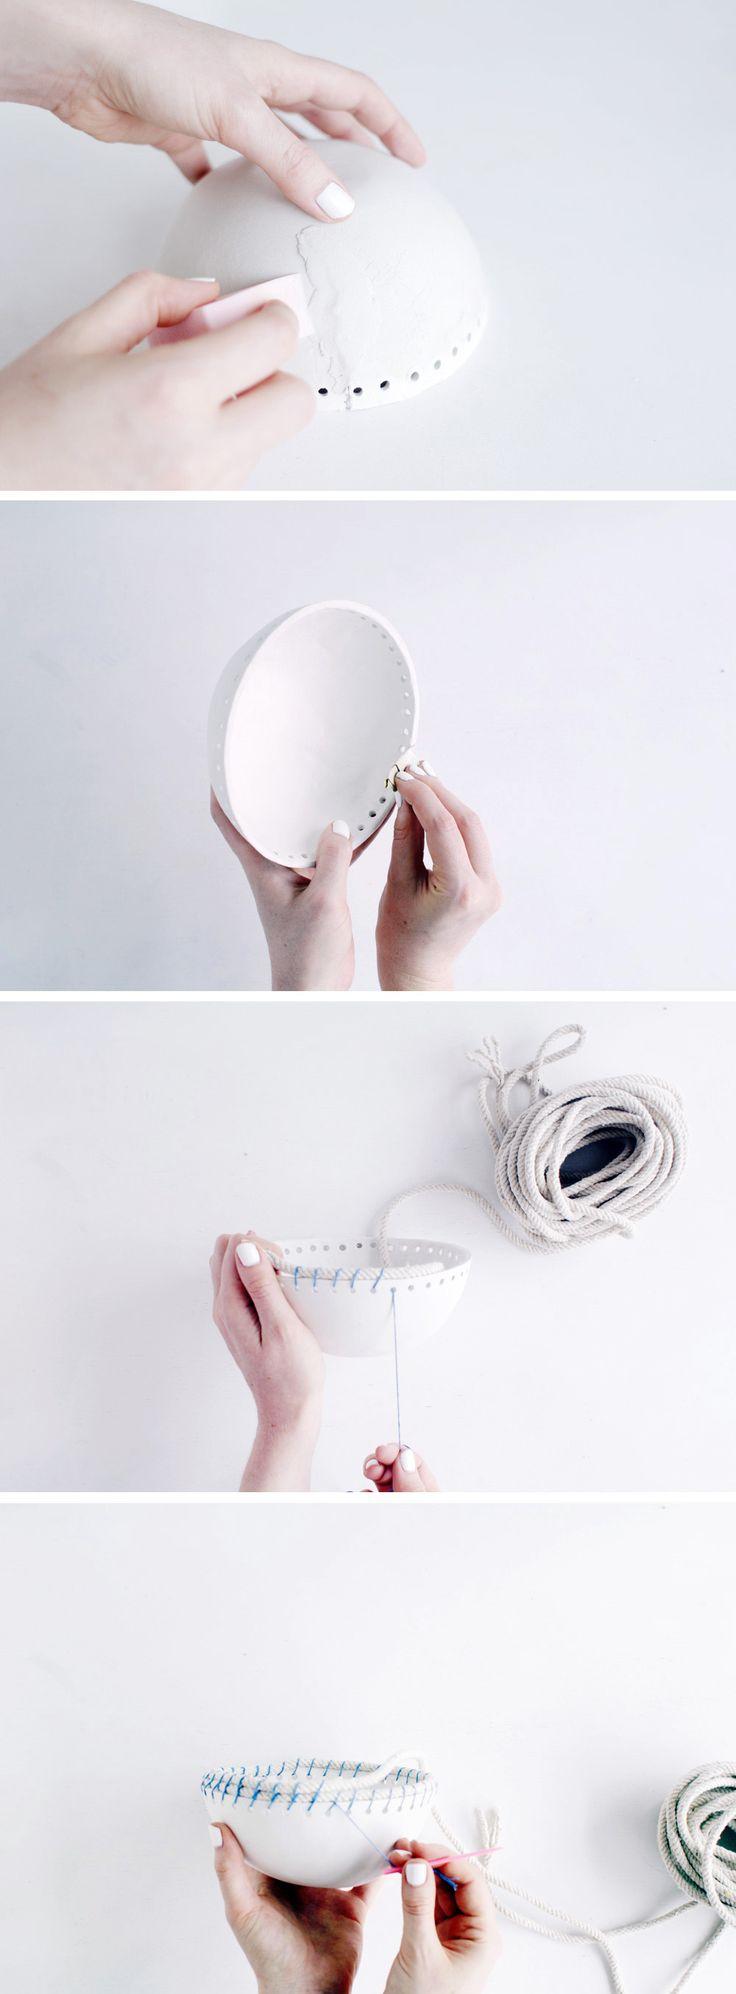 DIY Clay & Rope Pot | Fall For DIY